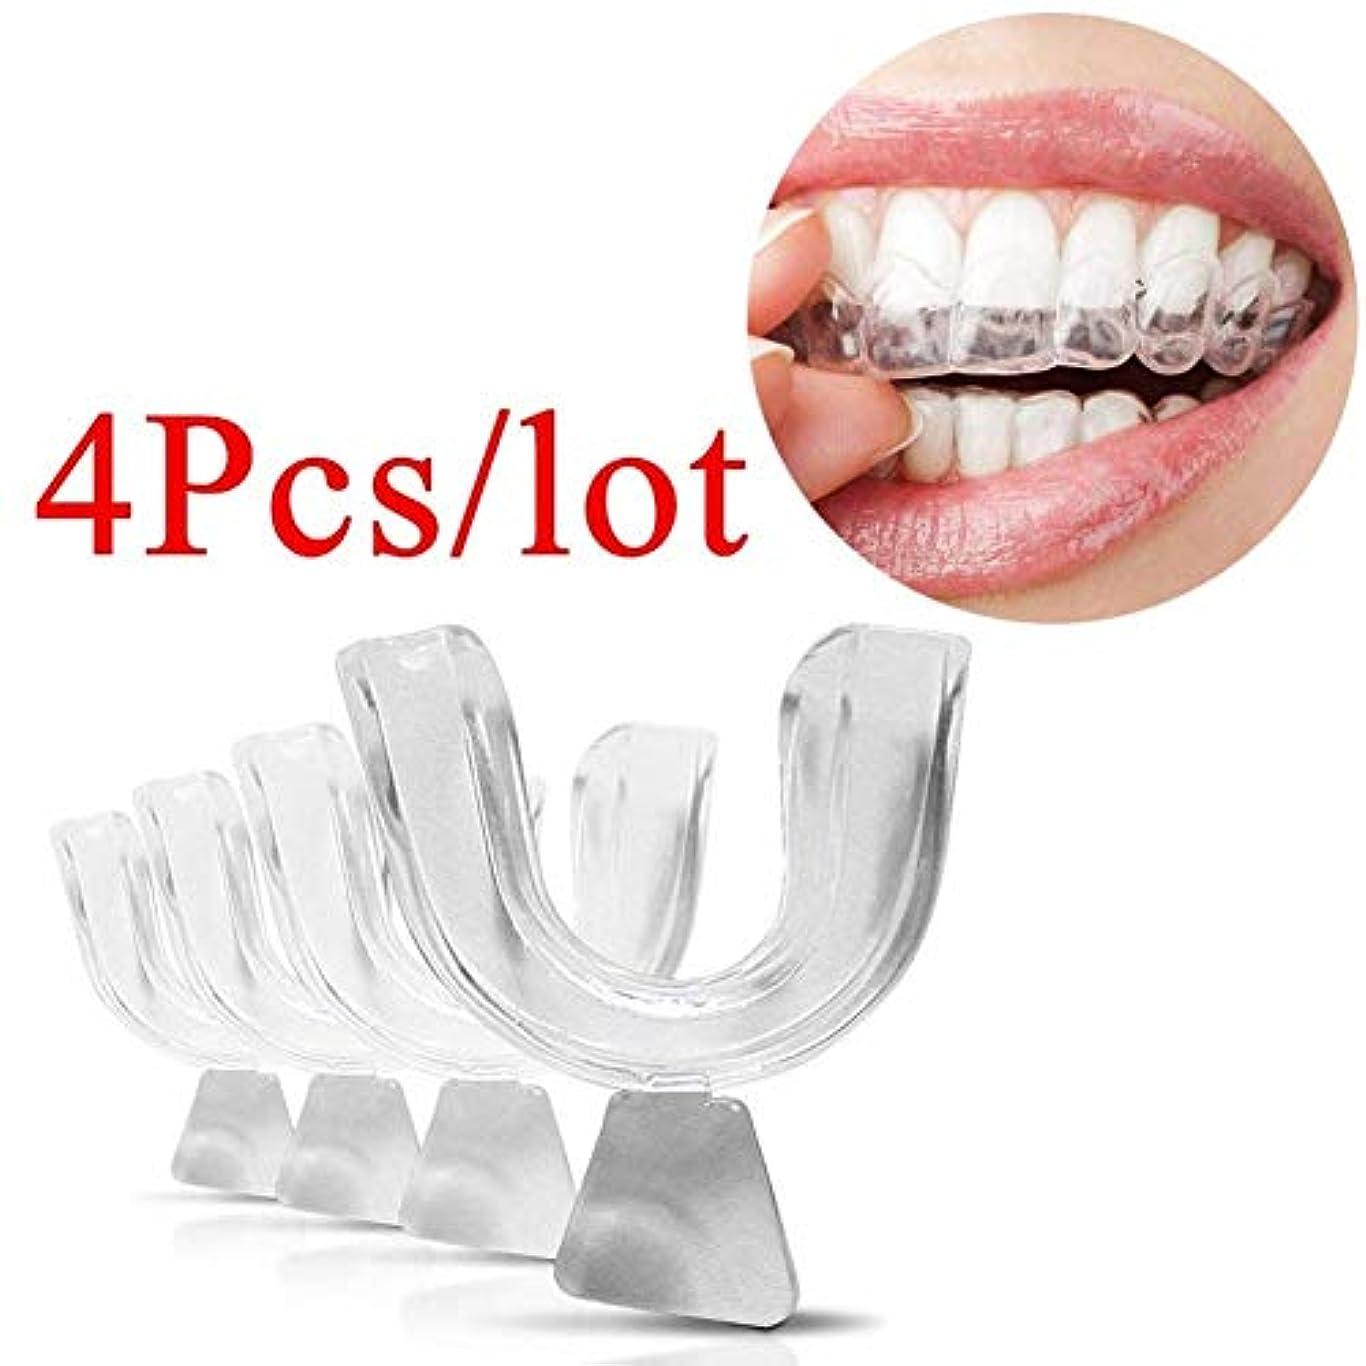 歩行者生大通り透明な食品等級を白くする安全な口の皿のMoldable歯科用歯の口の歯,4Pcs